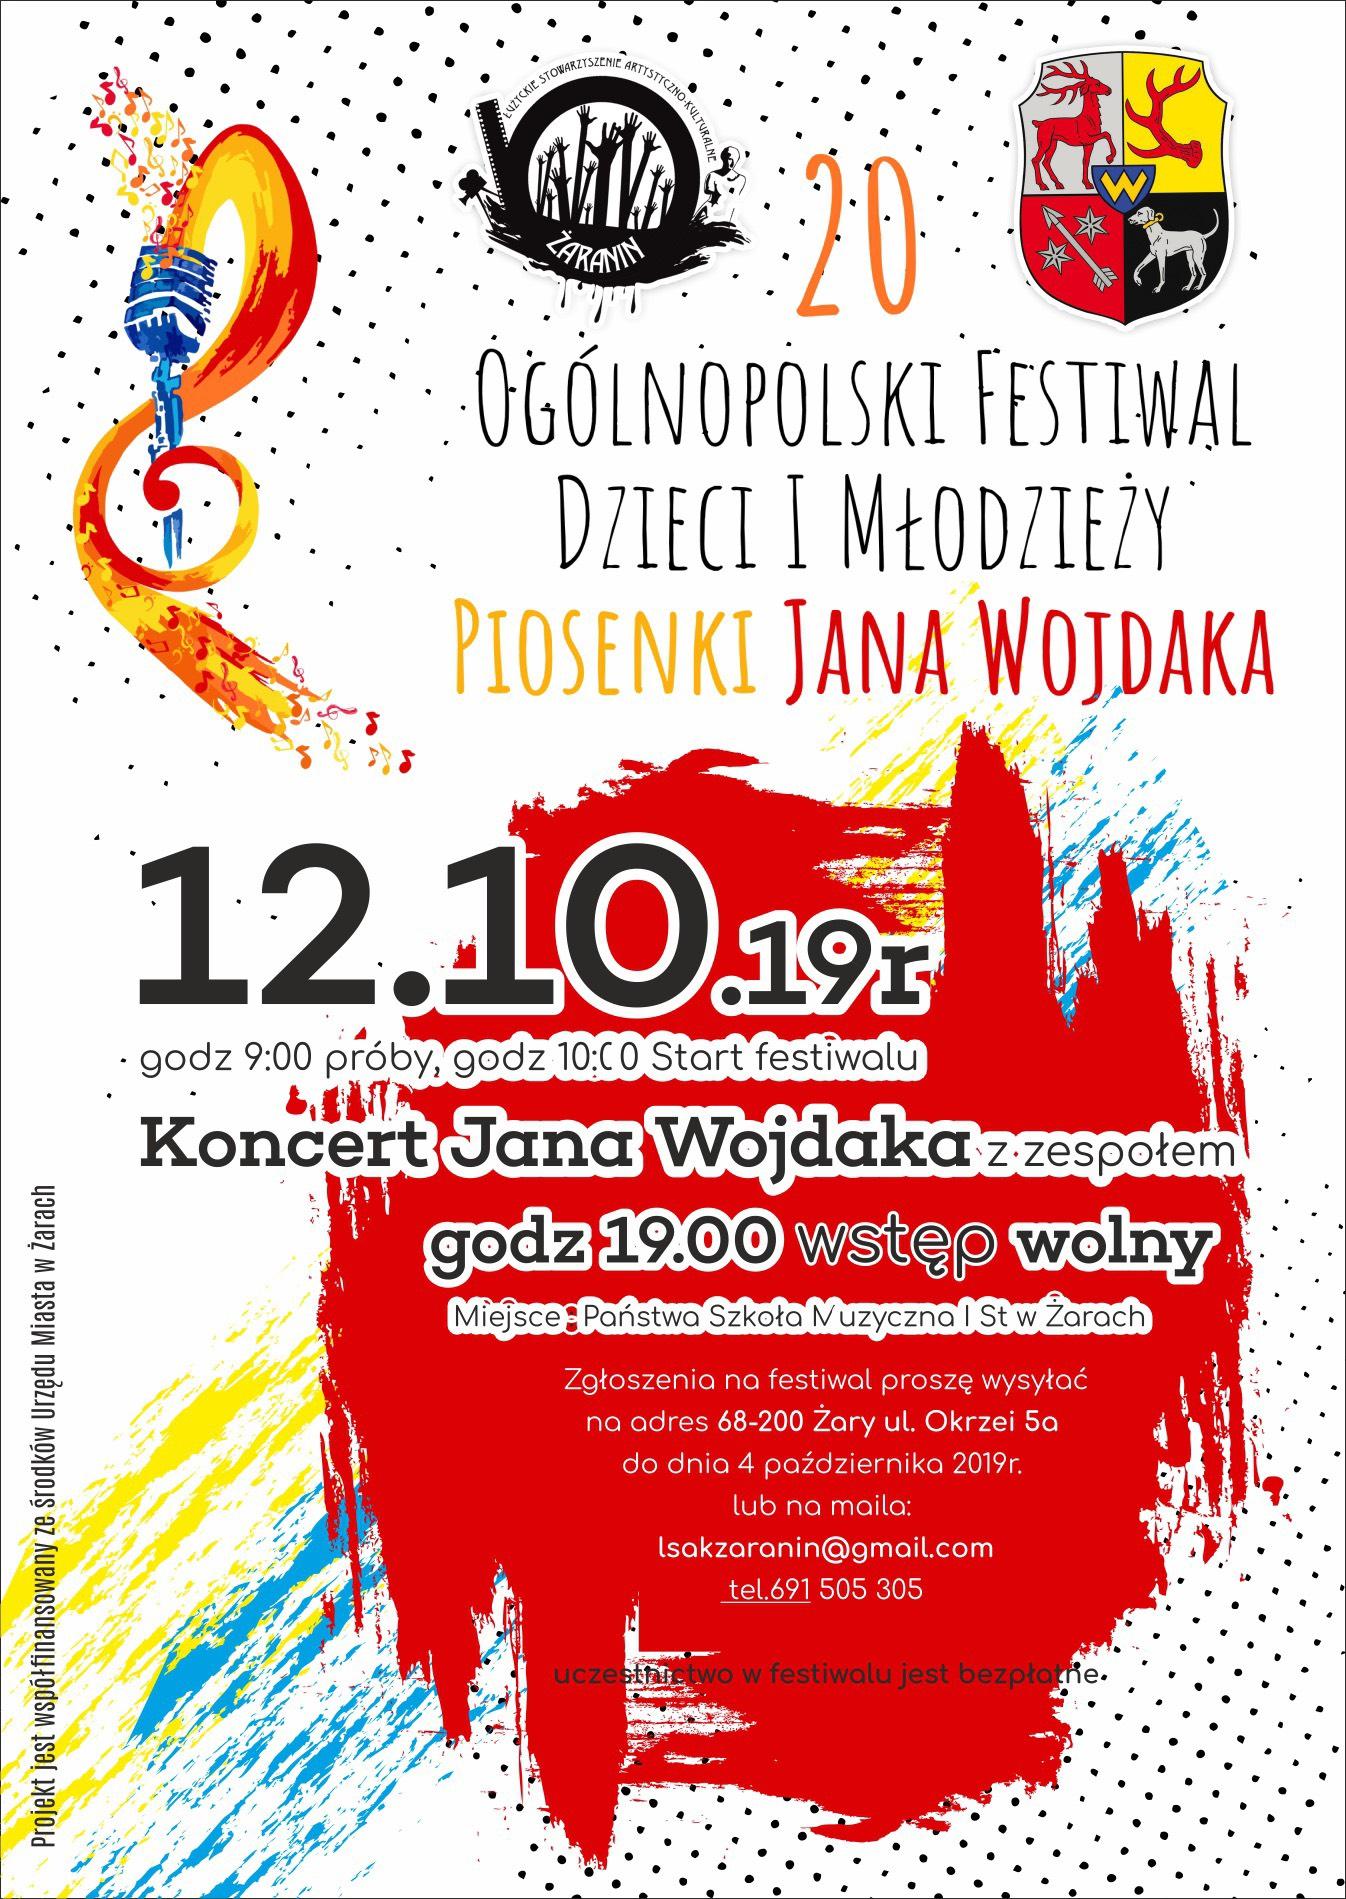 Ilustracja do informacji: Ogólnopolski Festiwal Dzieci i Młodzieży Piosenki Jana Wojdaka